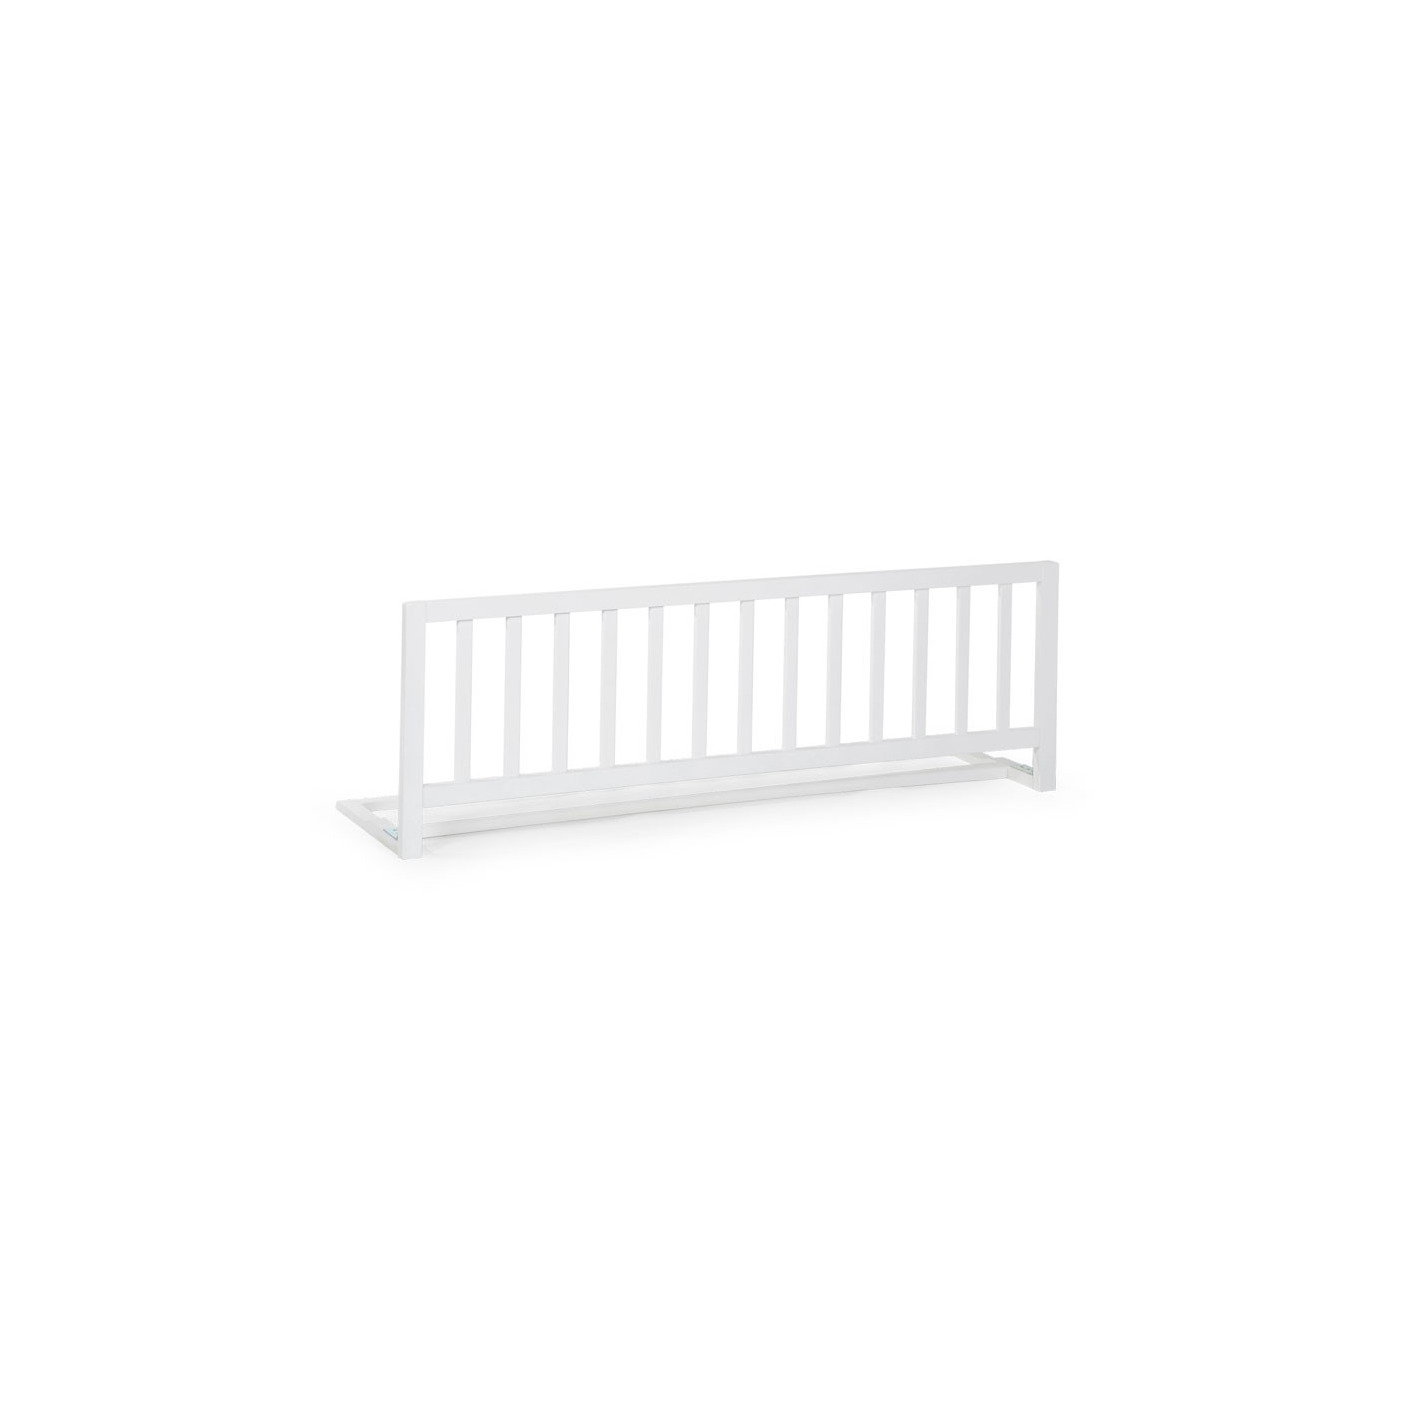 Childhome Drewniana Barierka Do łóżka 120cm Biała